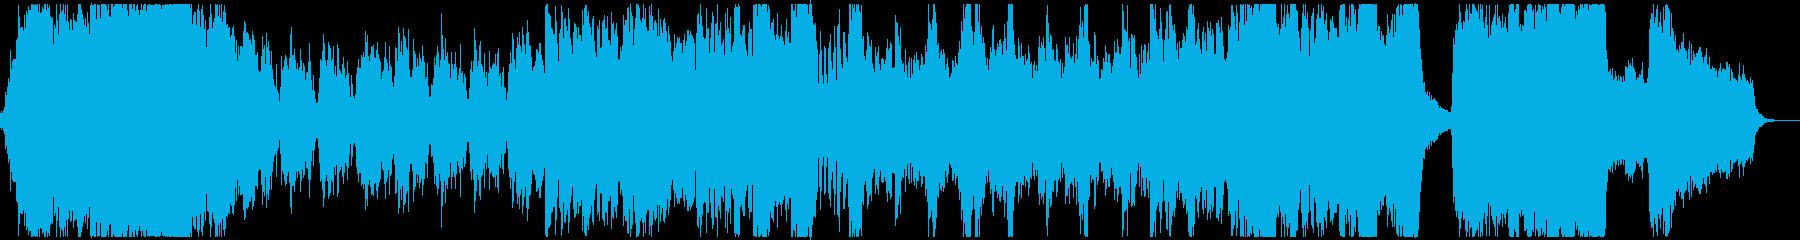 ハロウィン風の怪しく怪奇なオーケストラの再生済みの波形